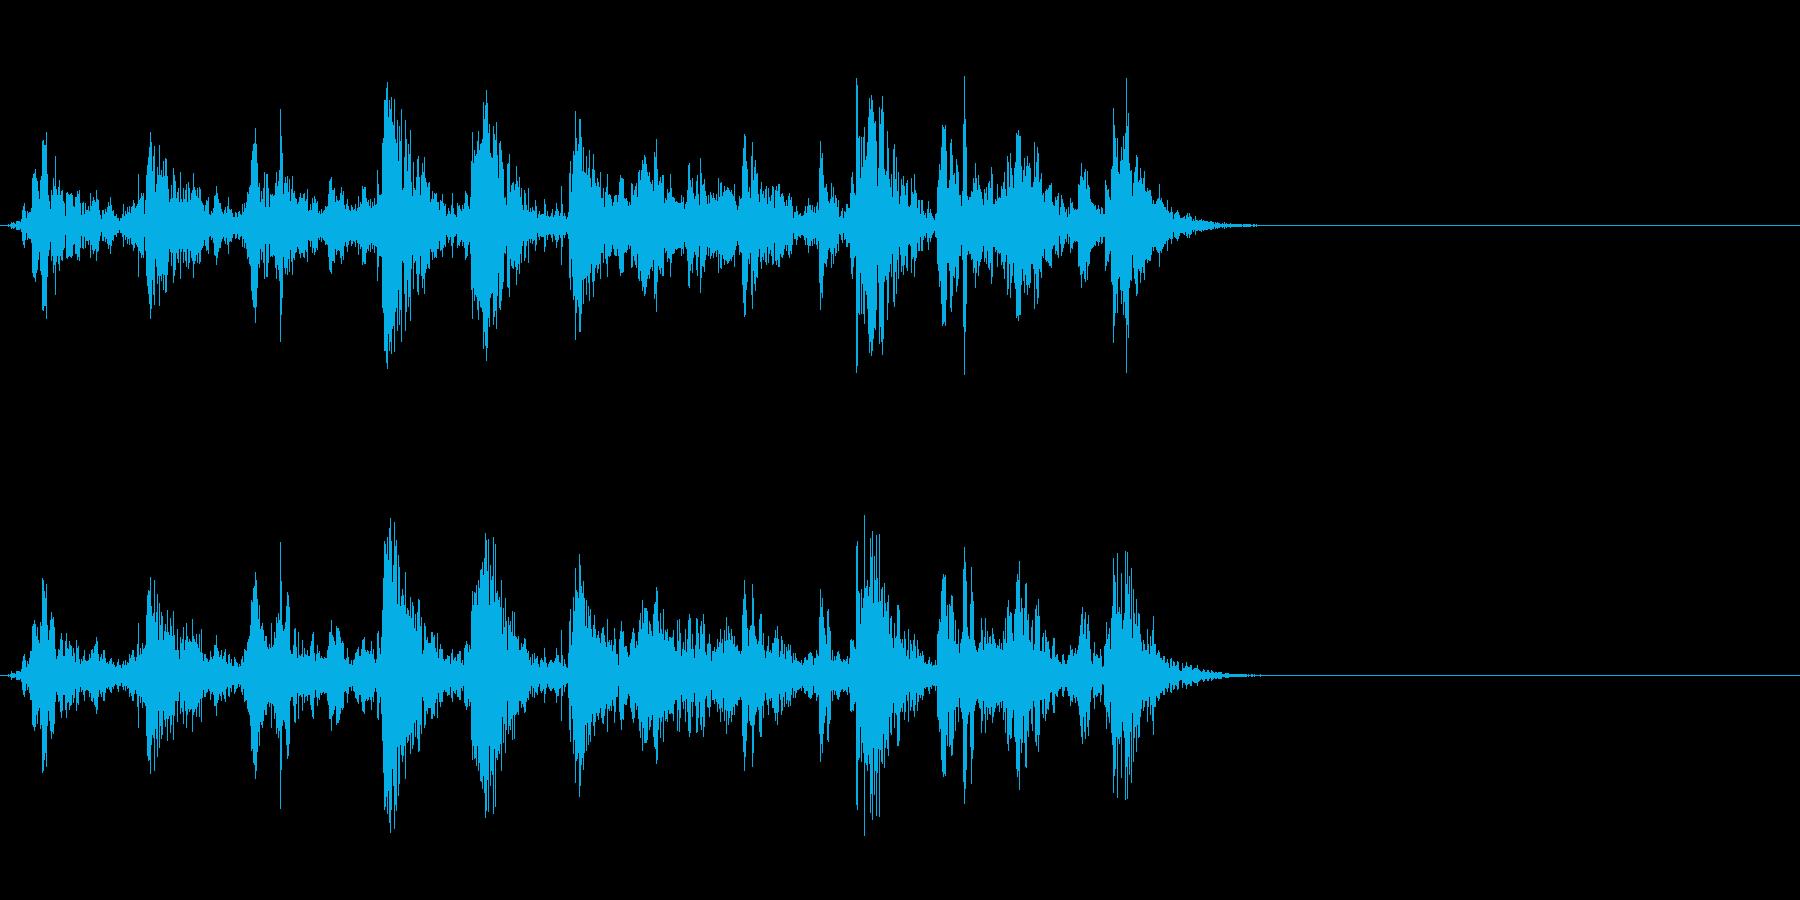 ブクブク!泡や水など特有の効果音!01Bの再生済みの波形